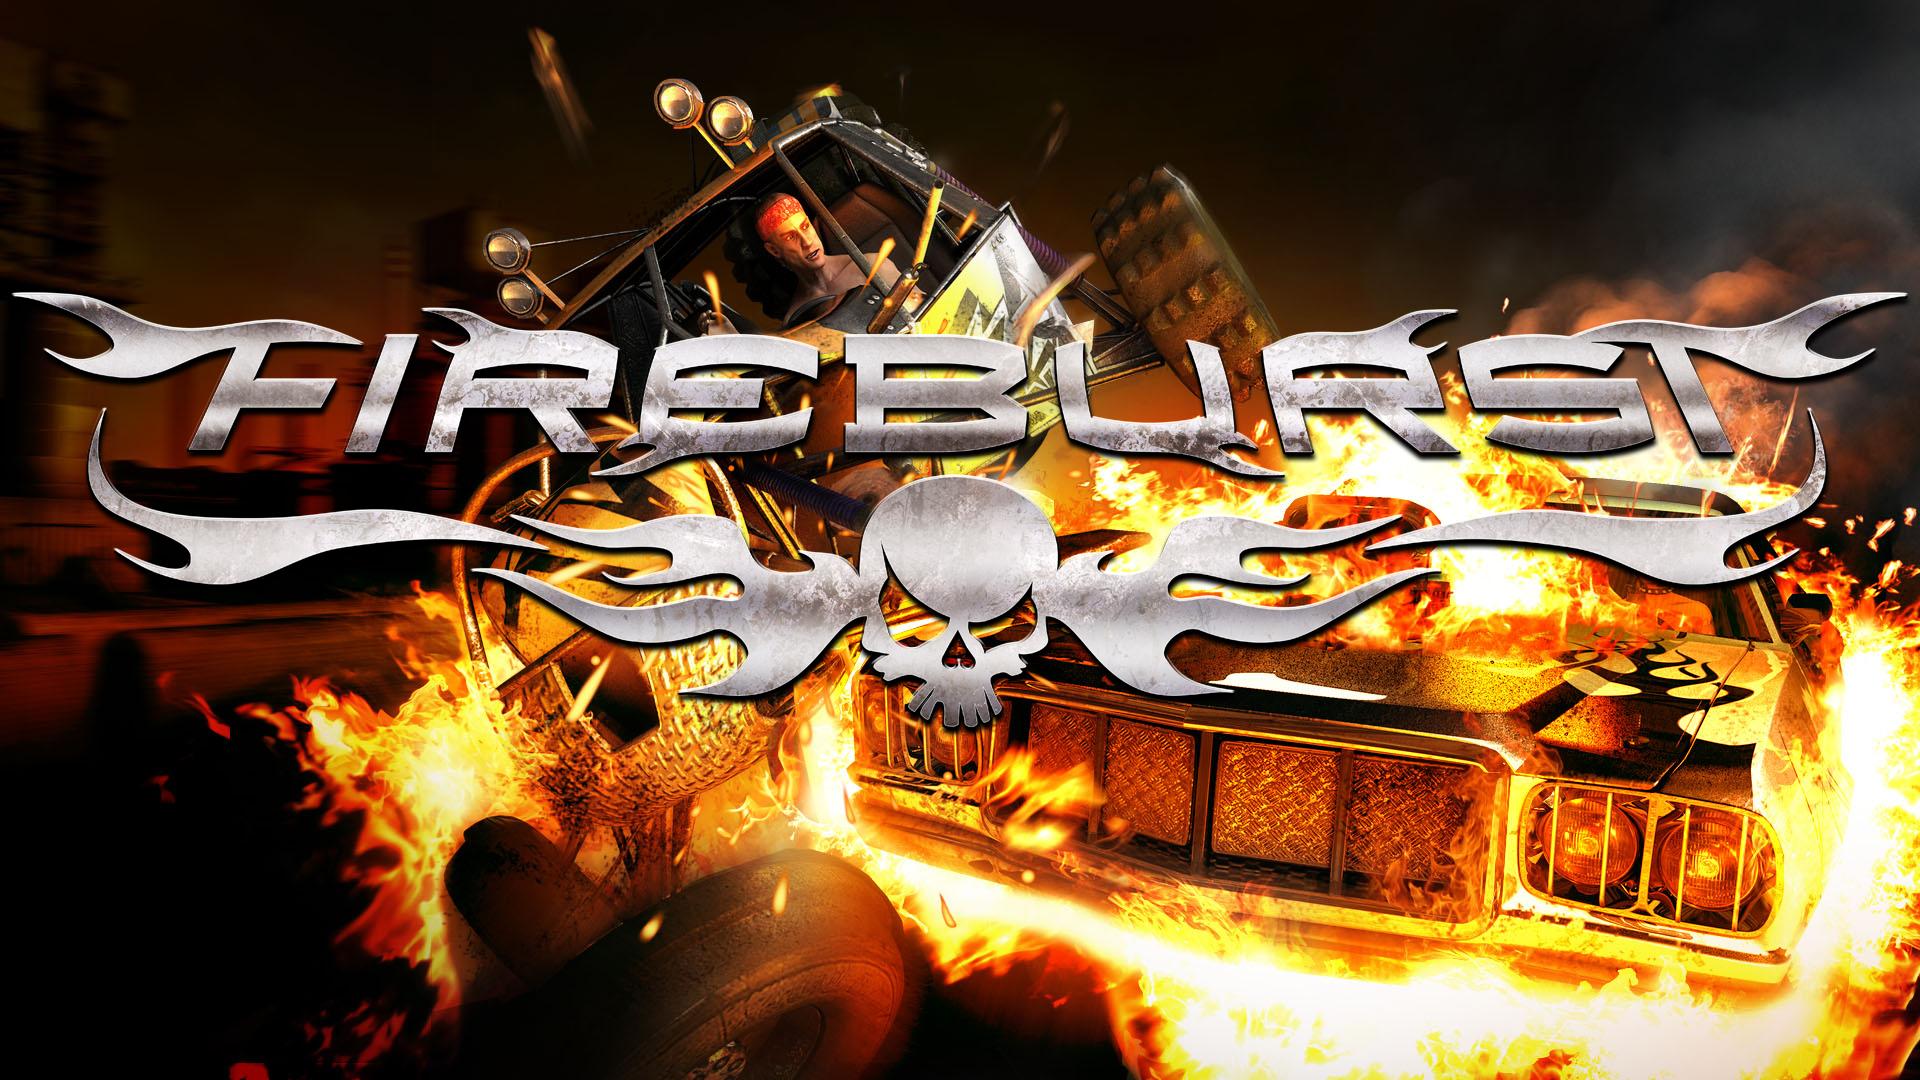 fireburst_screen